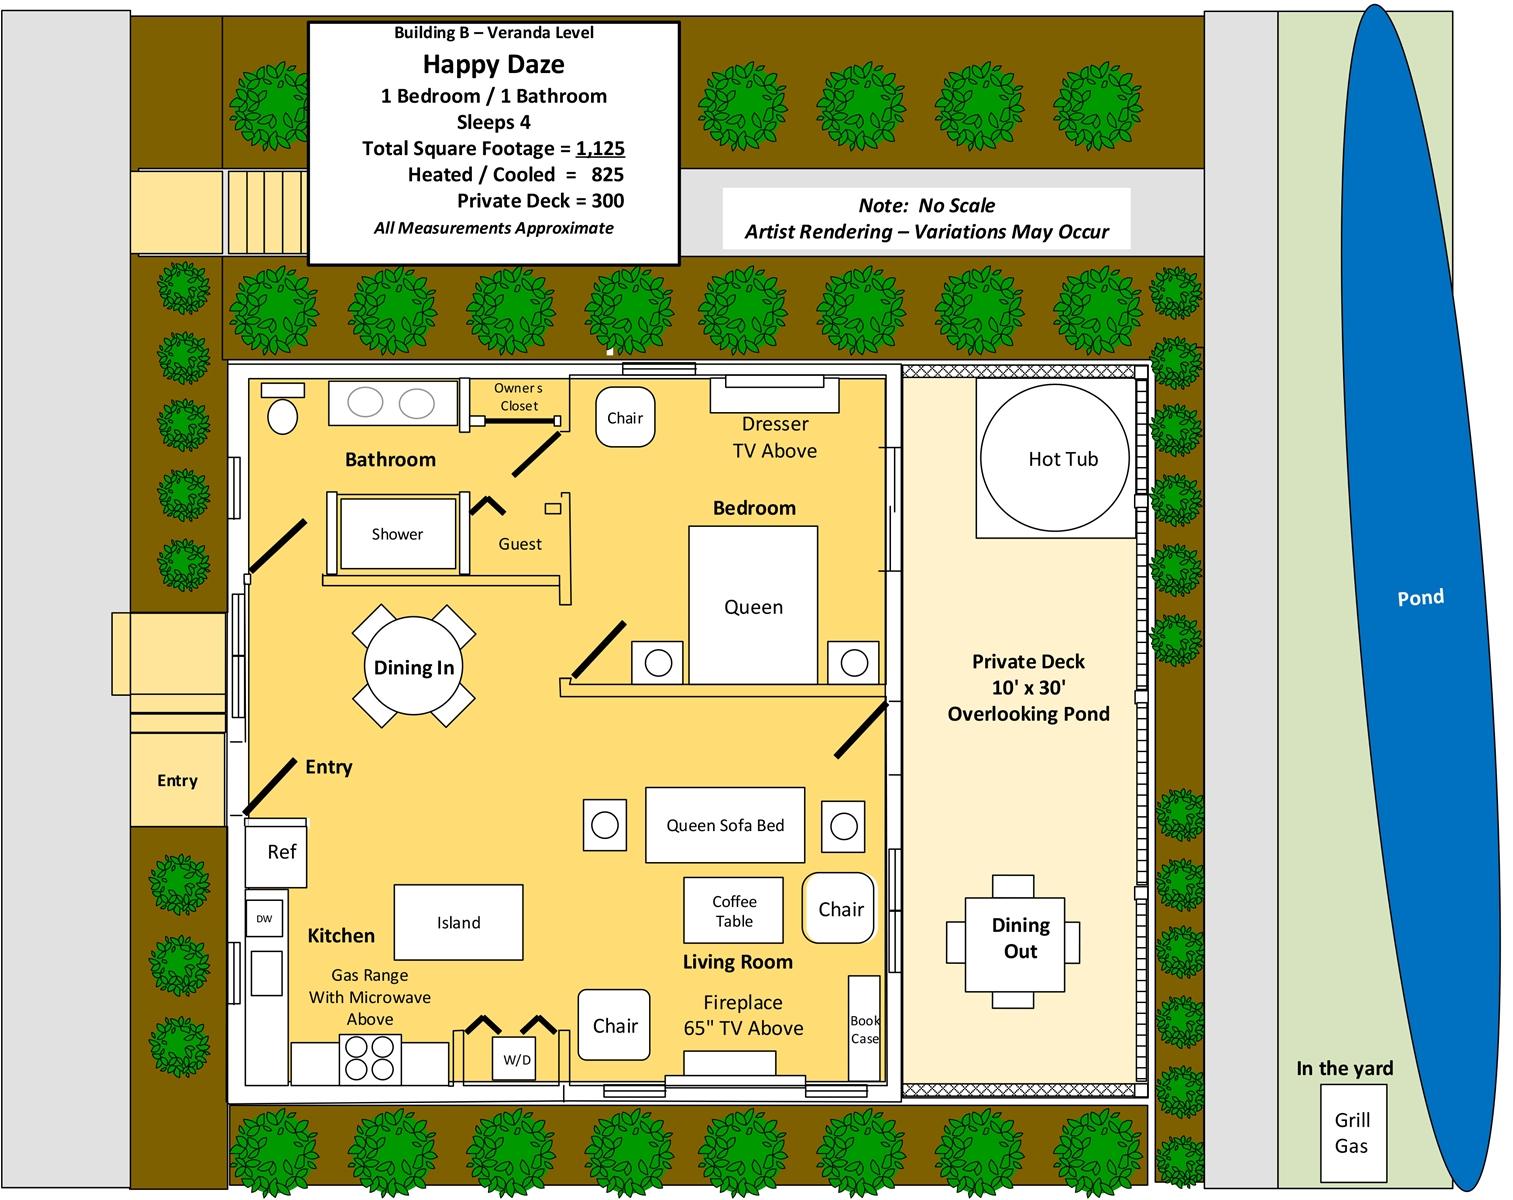 Floor Plan for Happy Daze